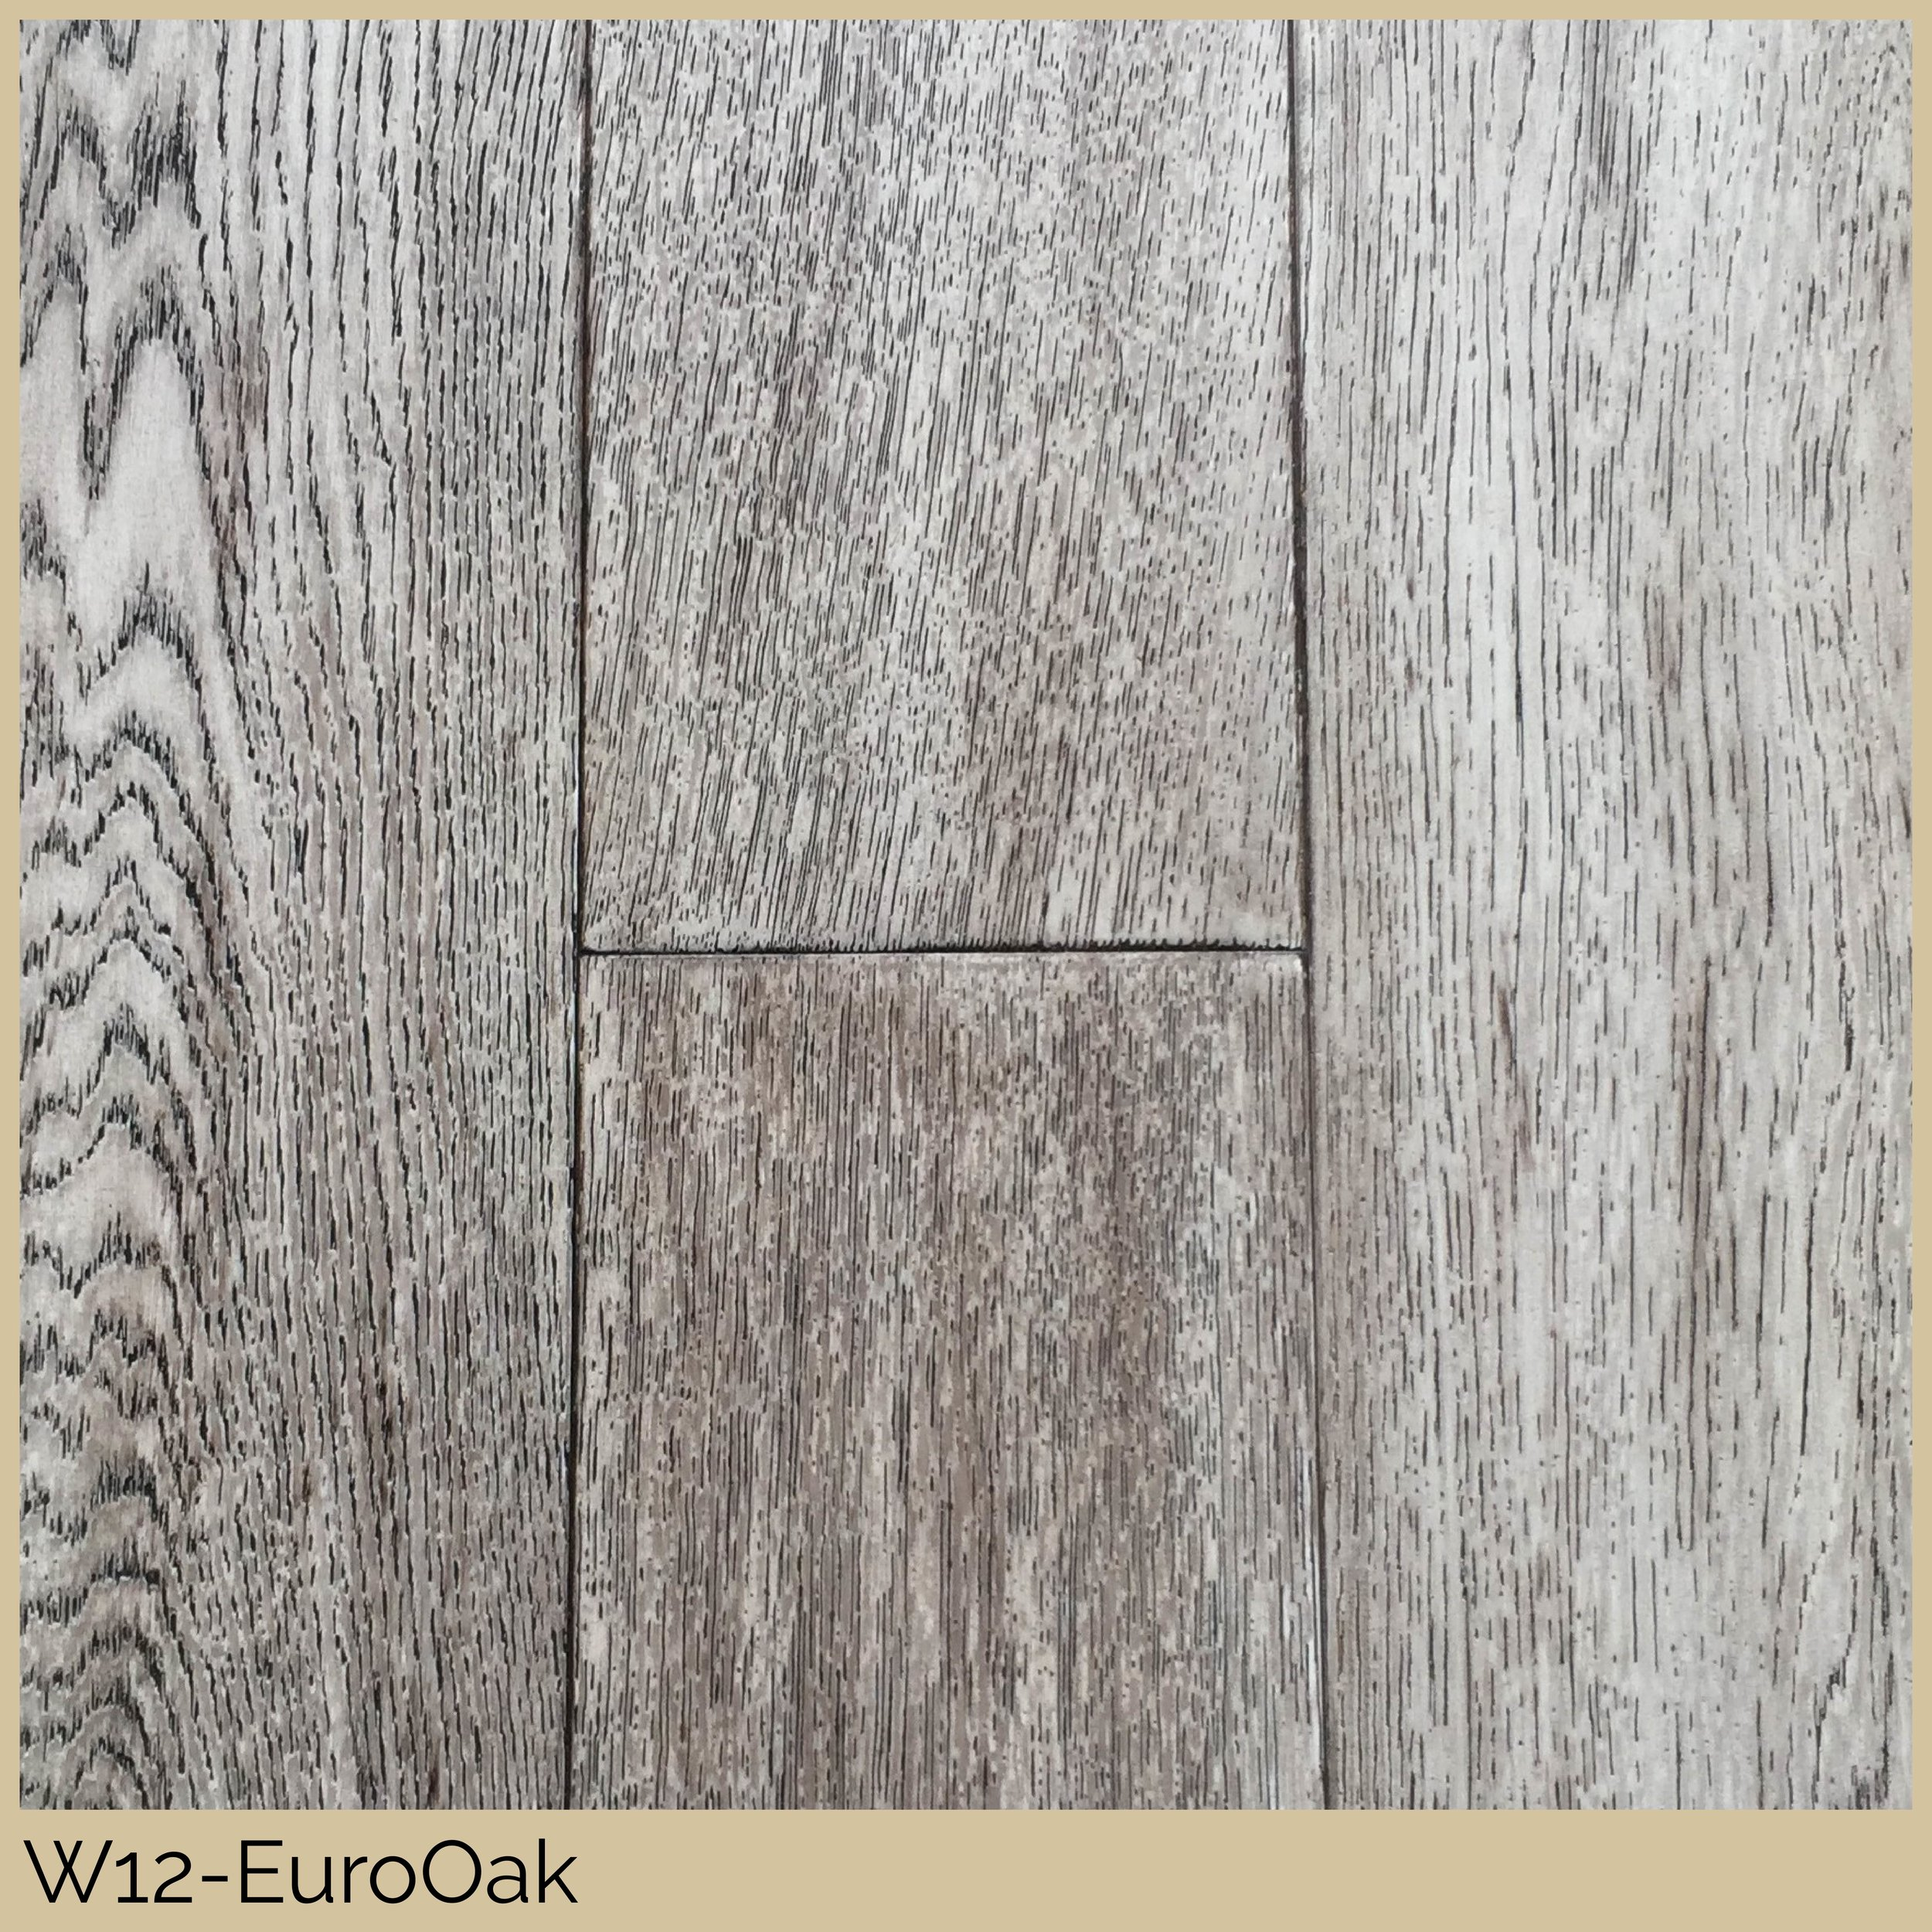 W12-EuroOak.jpg